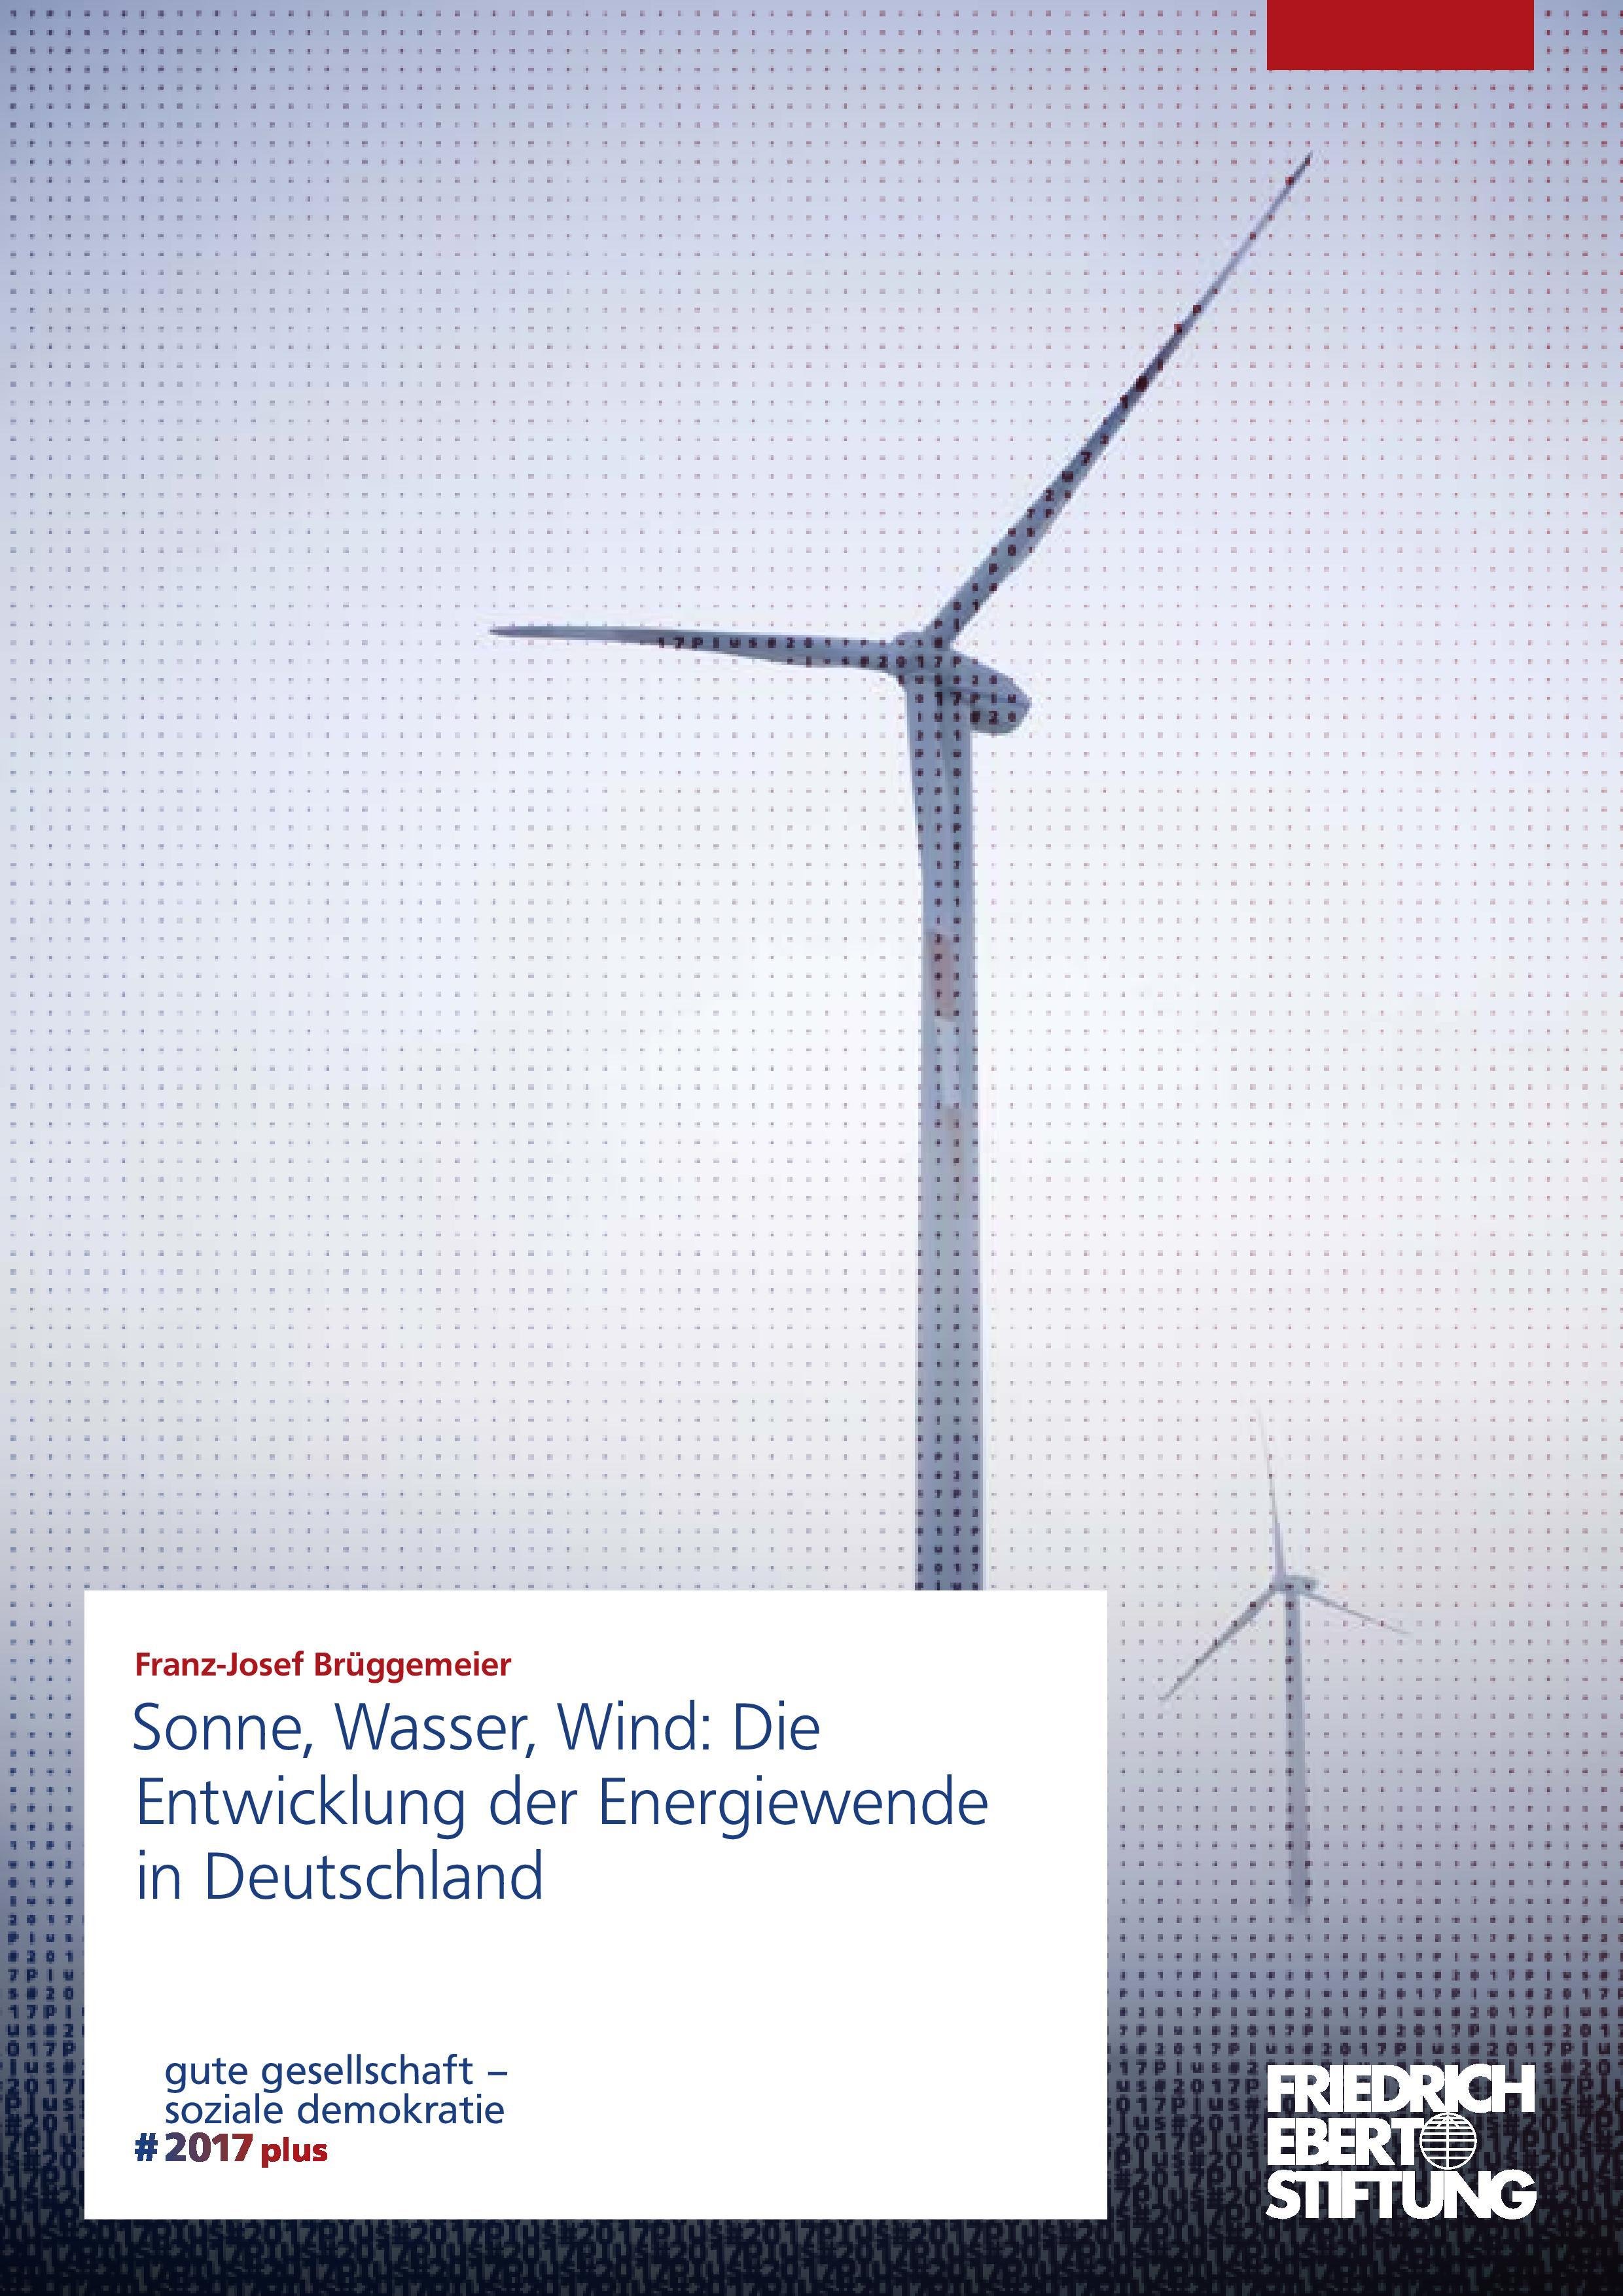 sonne, wasser, wind: die entwicklung der energiewende in deutschland